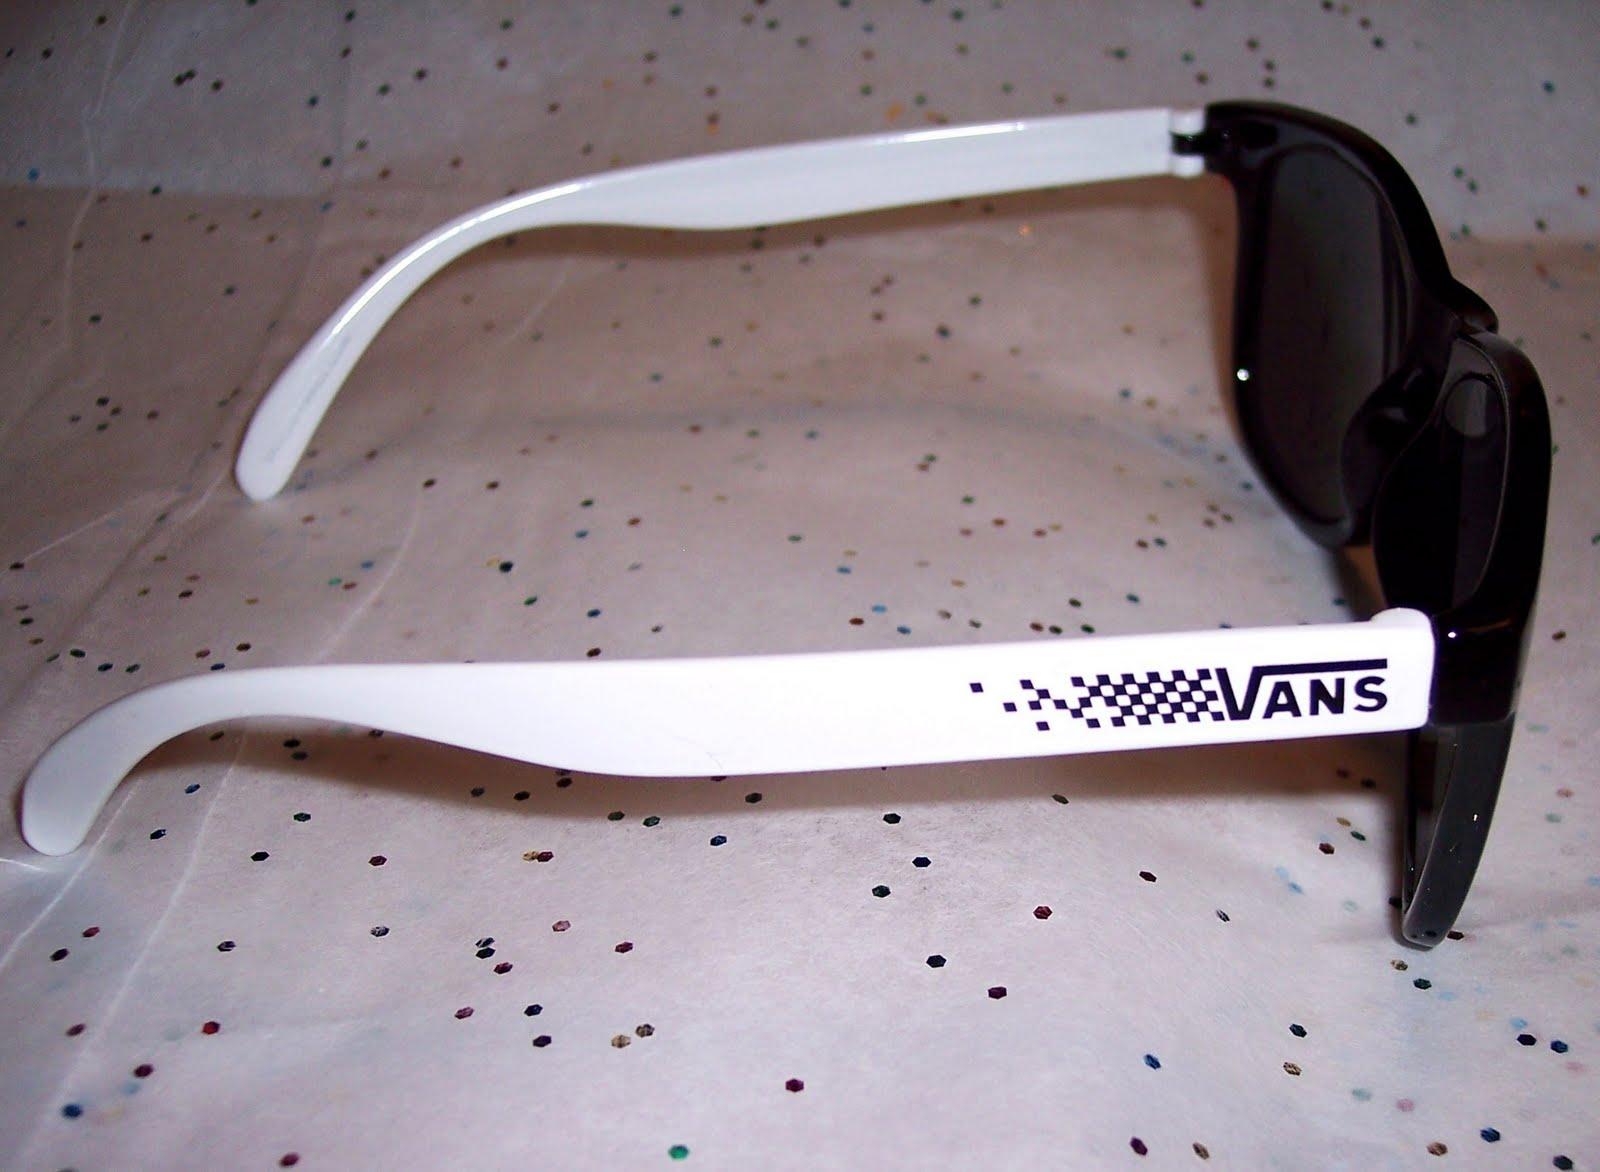 http://1.bp.blogspot.com/-RqQEoaCm3ZQ/TdLA1o1KZlI/AAAAAAAAELs/NWip1xclFL4/s1600/VansSunGlasses3.JPG